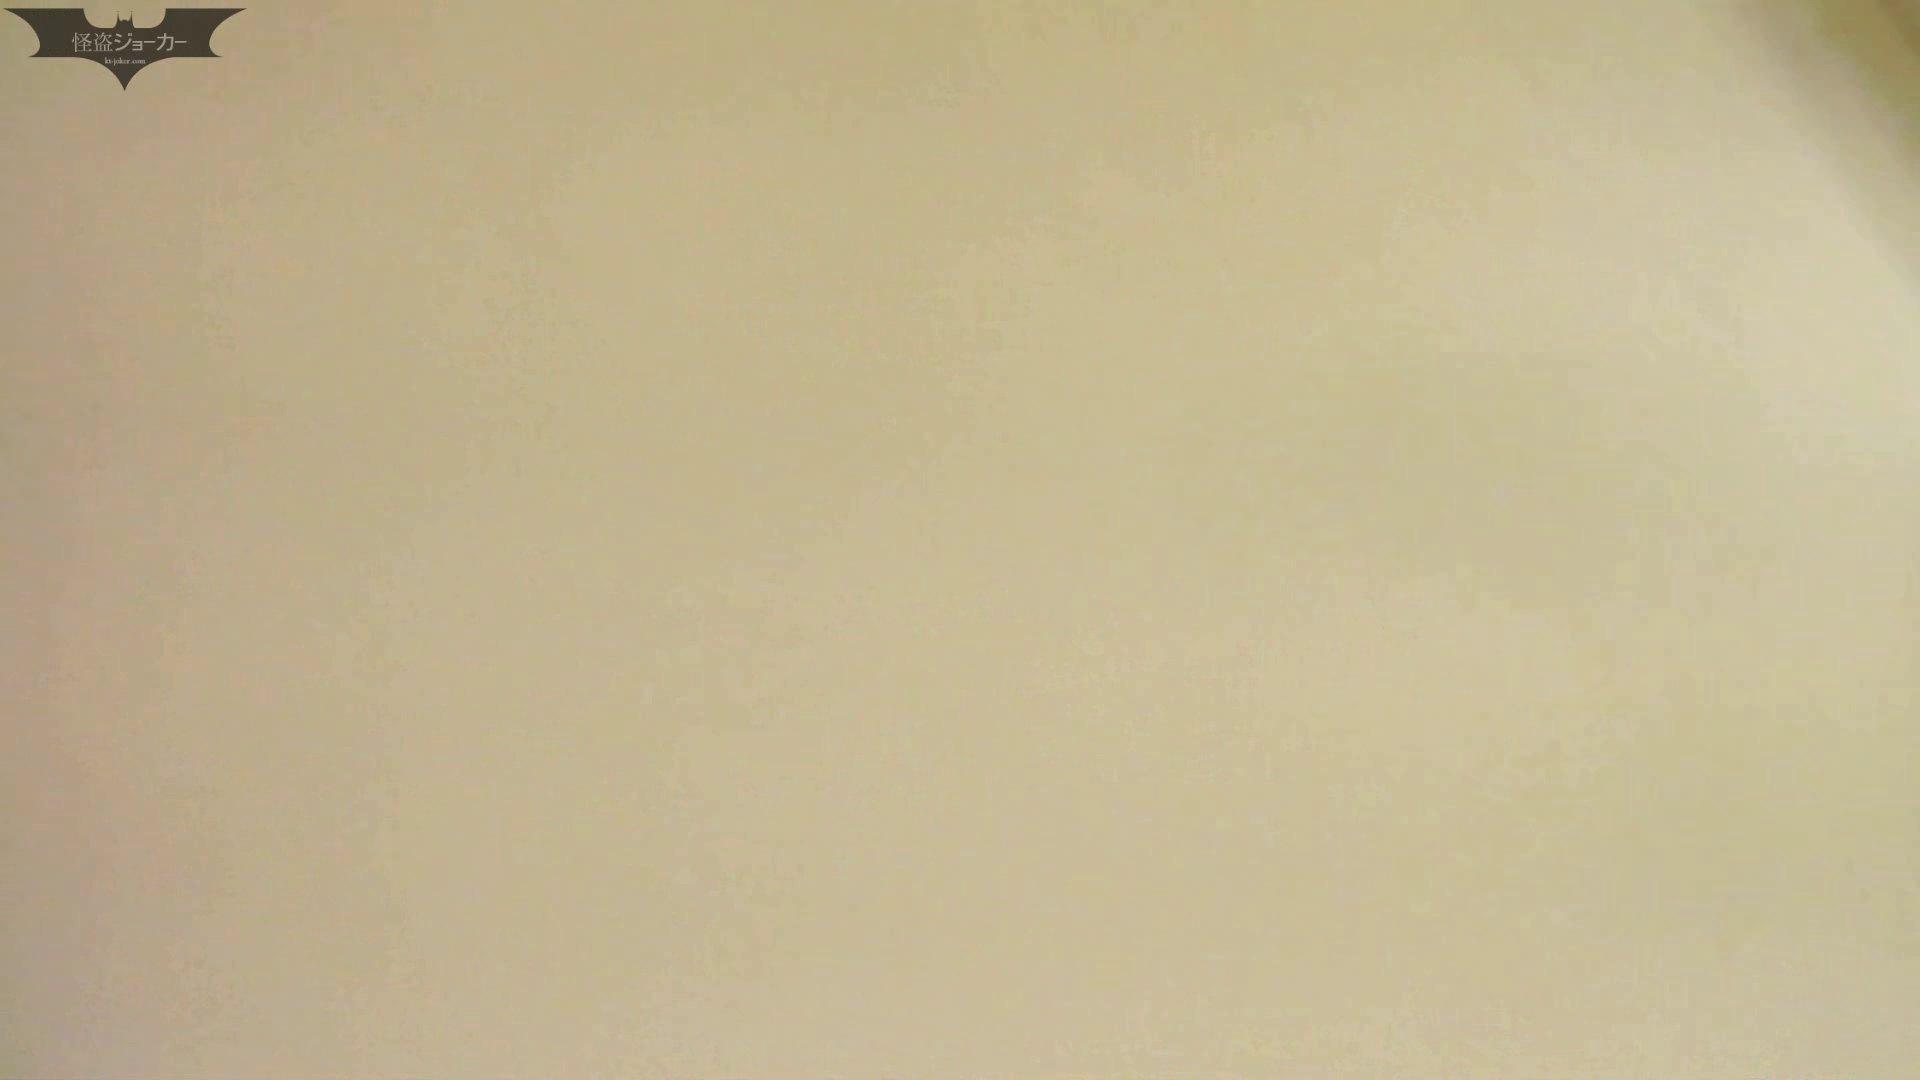 新世界の射窓 No56 ターゲットは「美女」 美女のボディ  81PIX 70